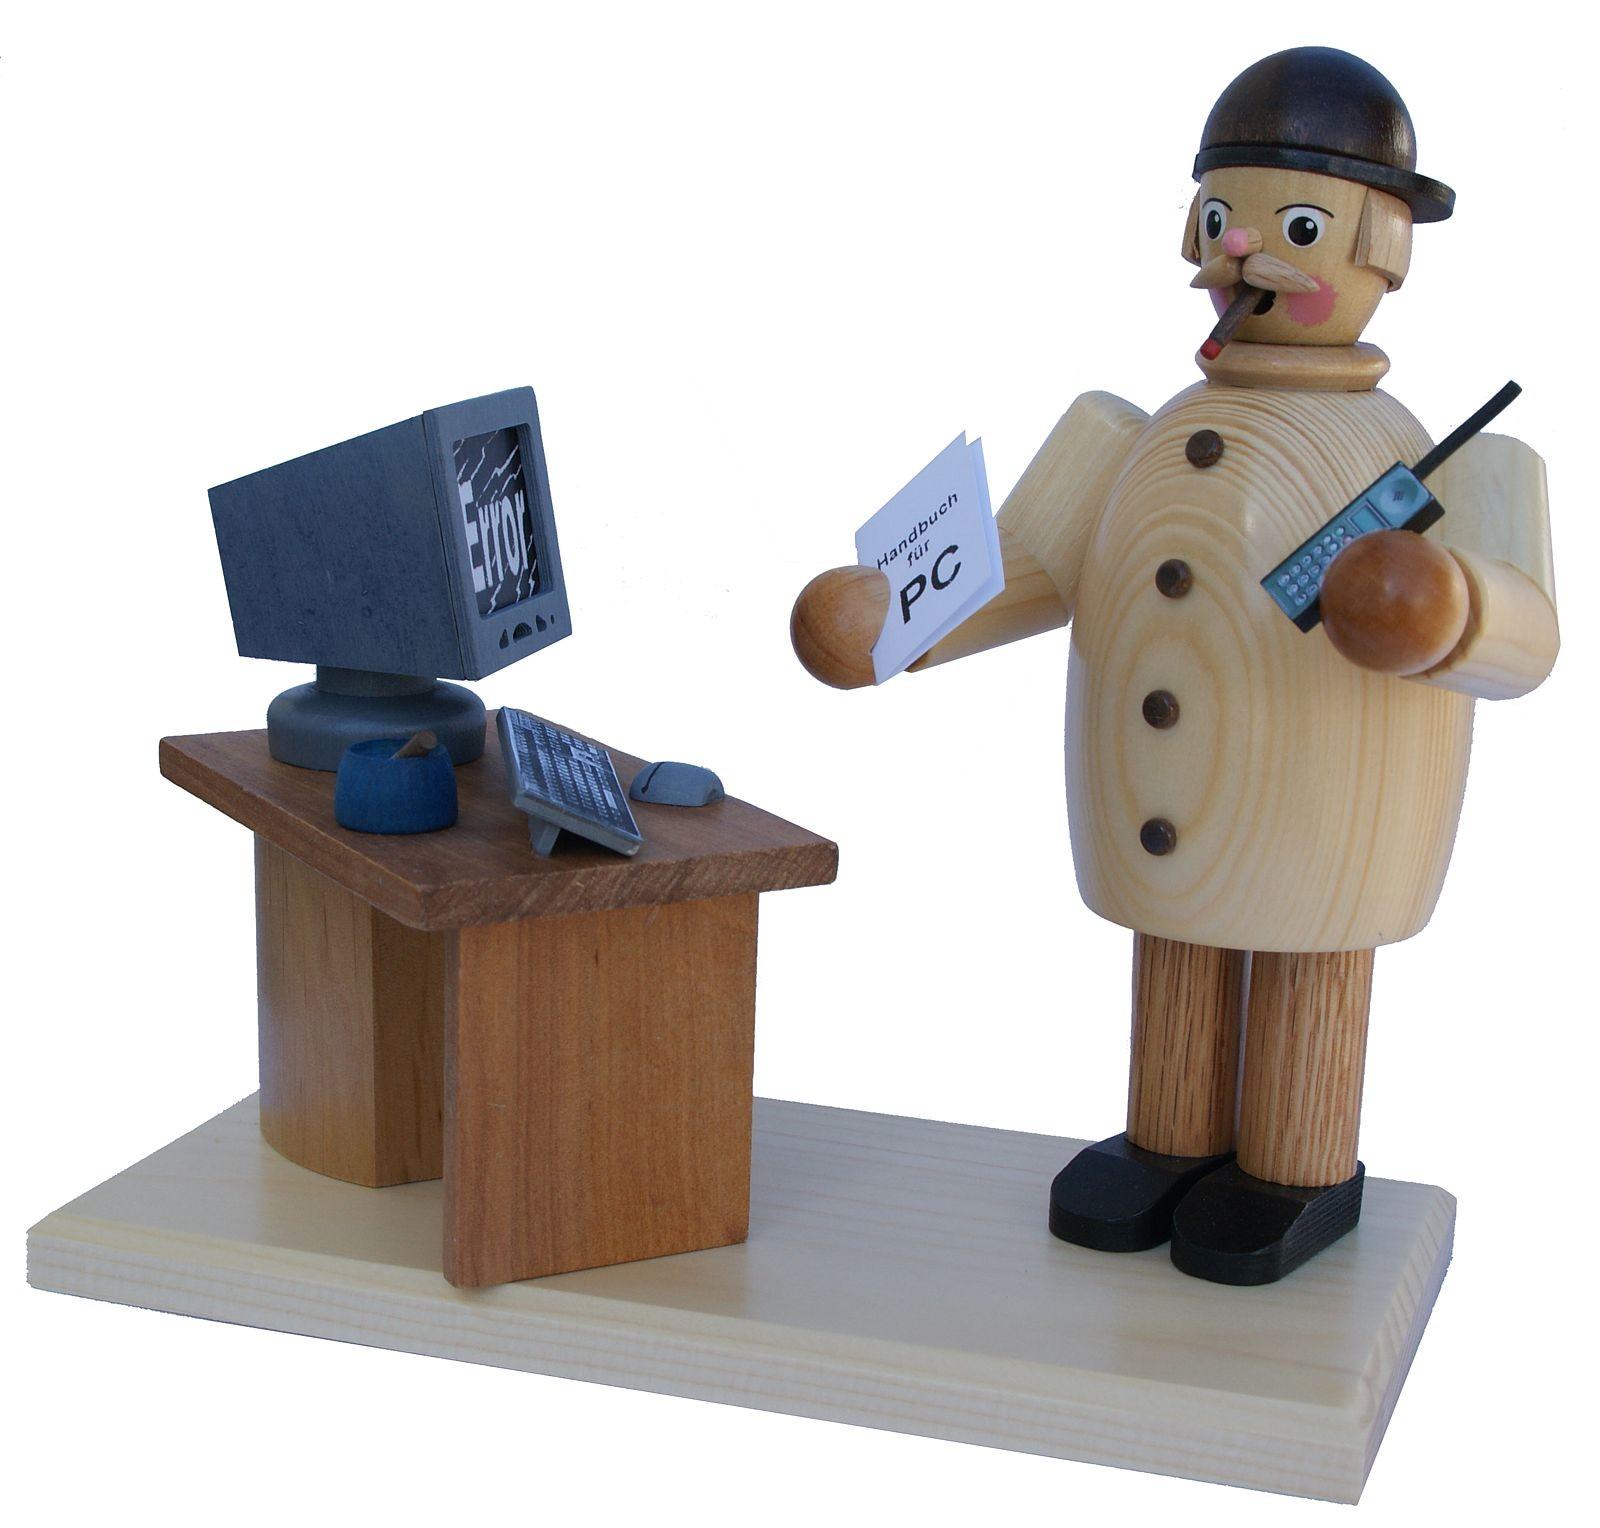 Räuchermann Computerfreak